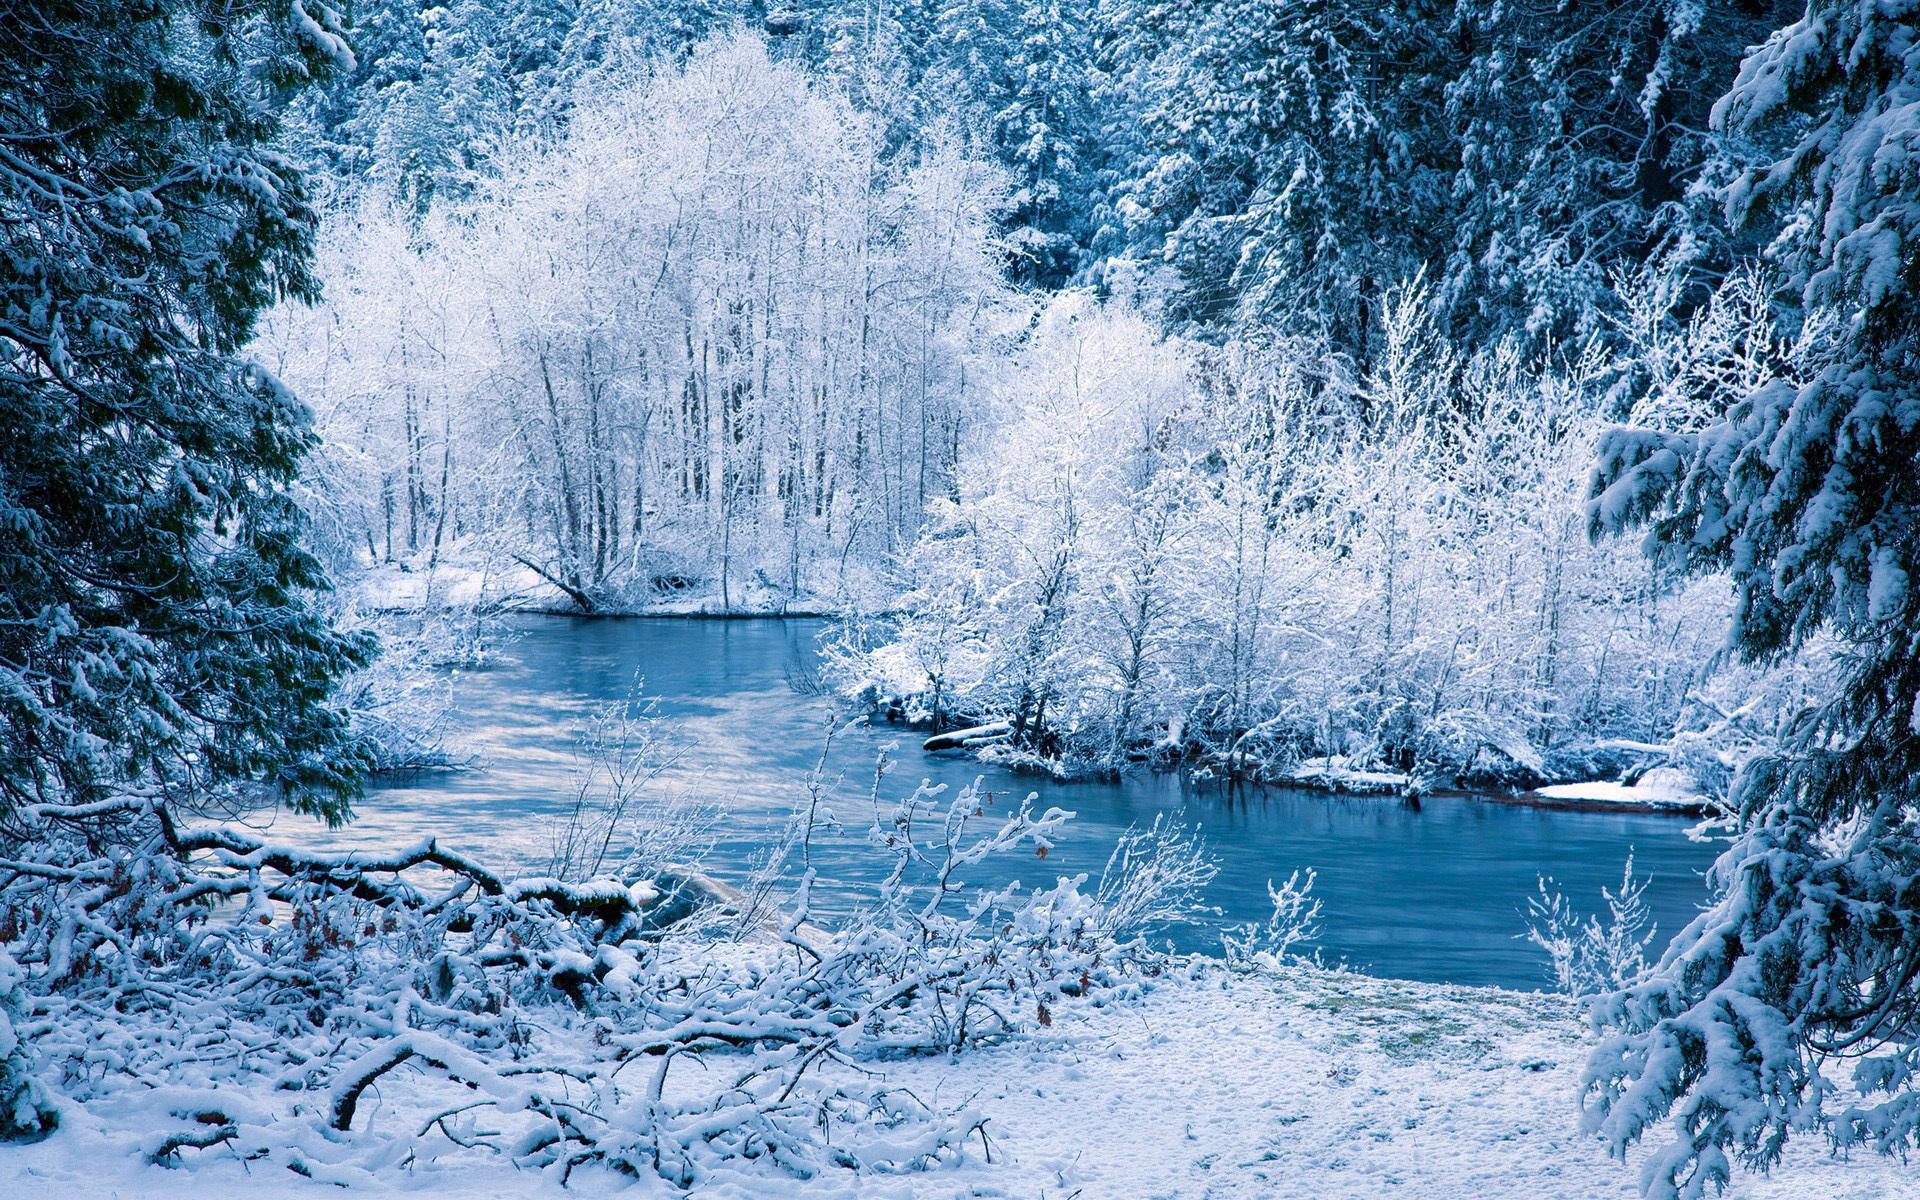 Природа зима картинки на рабочий стол